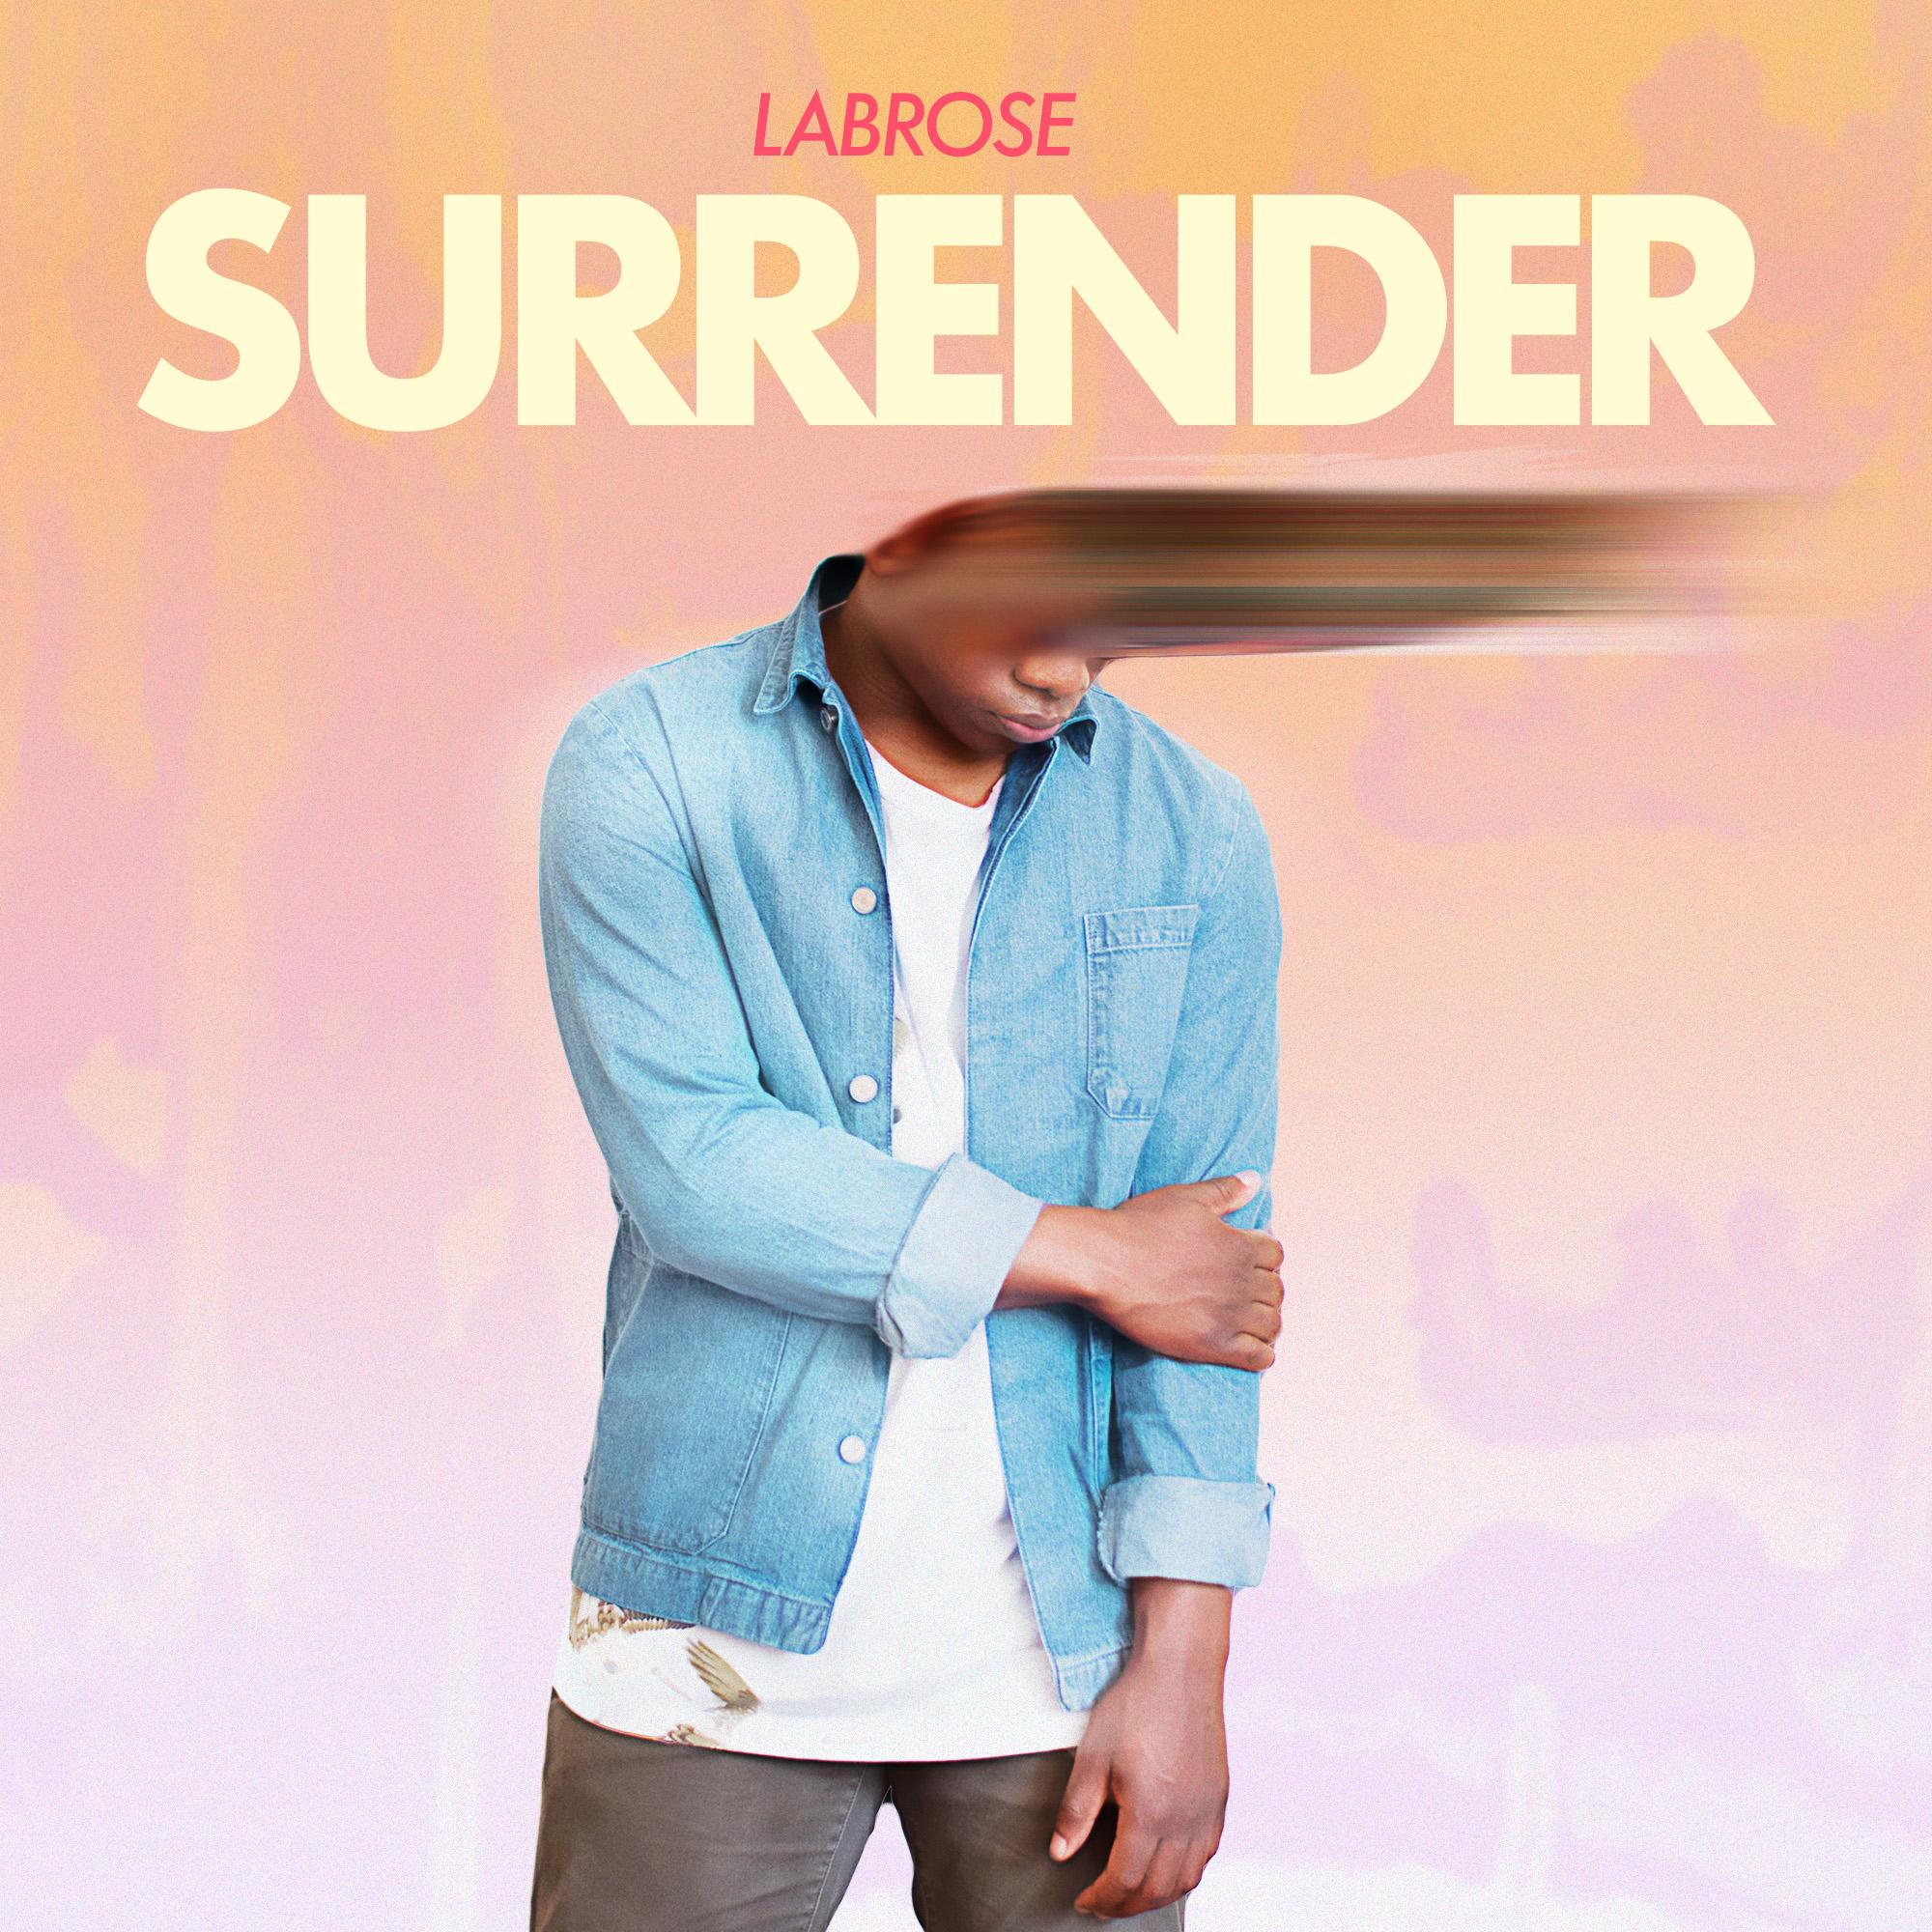 Labrose - Surrender - Single